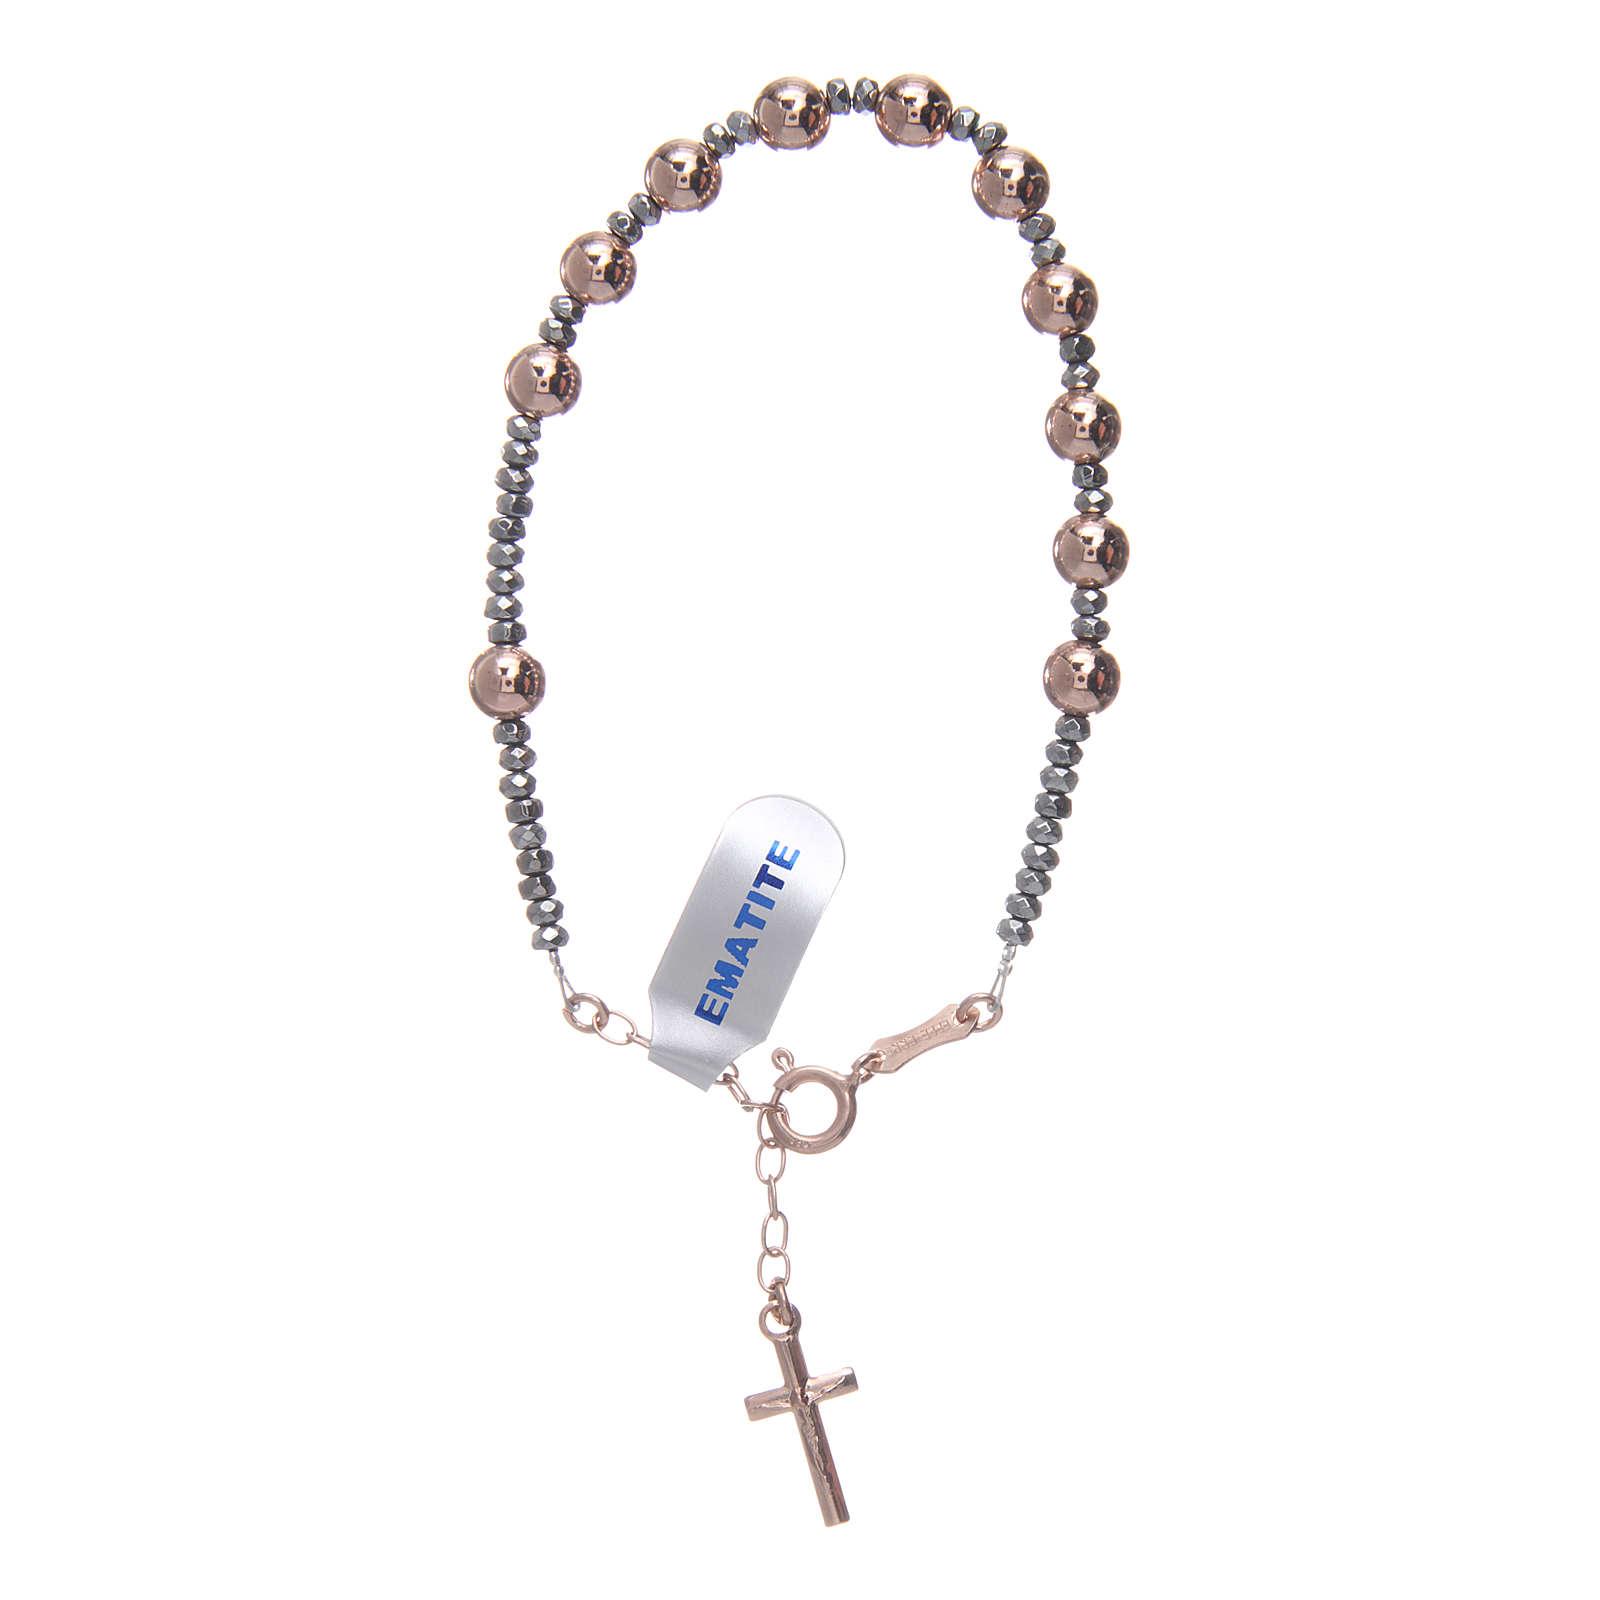 Bracciale rosario argento 925 cavetto palline lisce ematite rosé 4